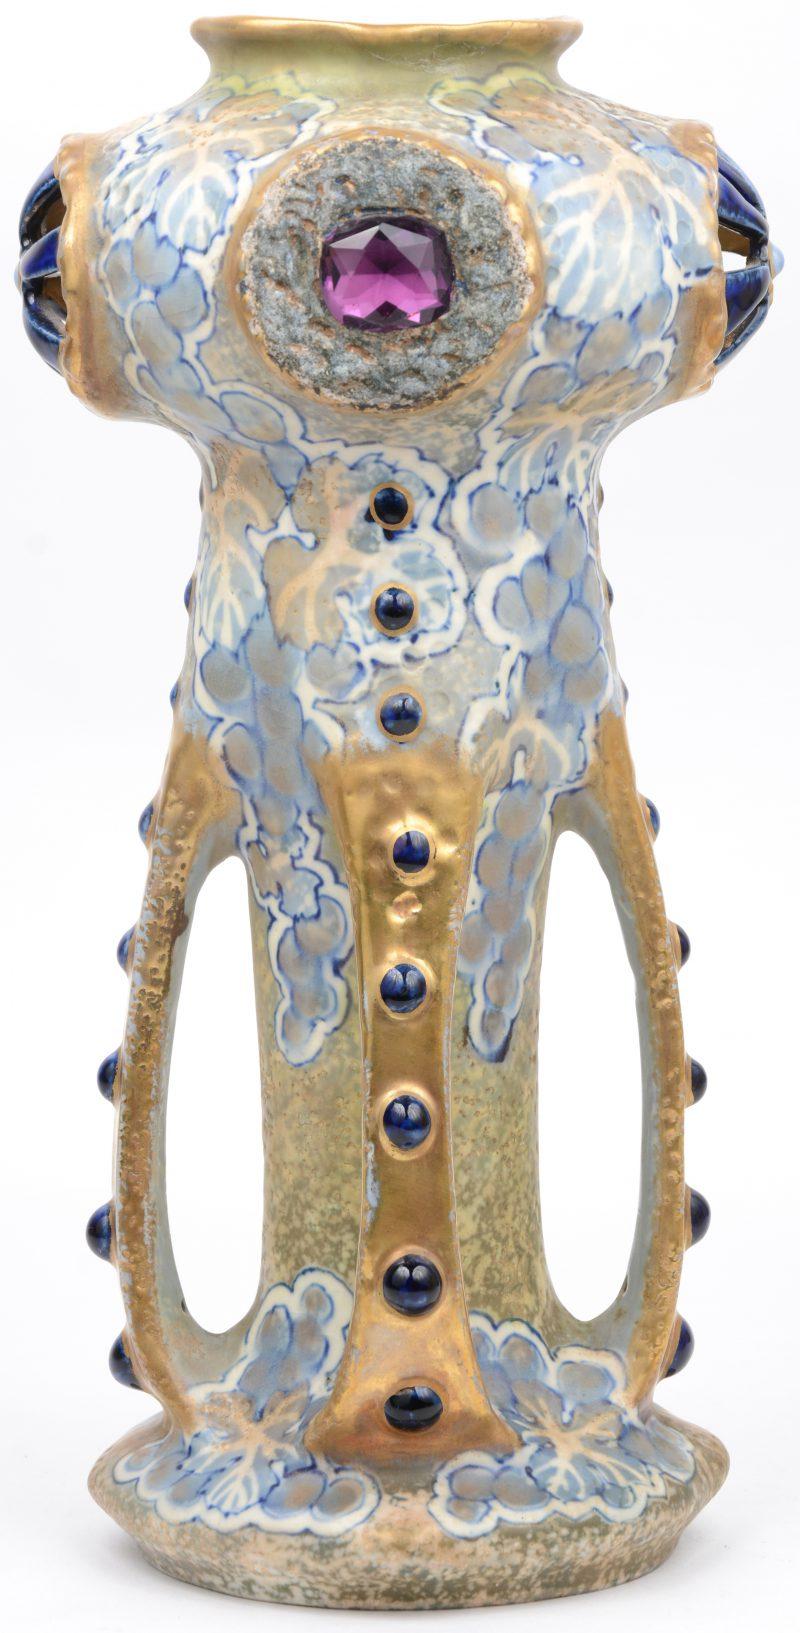 Een art nouveau siervaas van meerkleurig en verguld porselein. Aan één zijde gerestaureerd. Onderaan gemerkt.